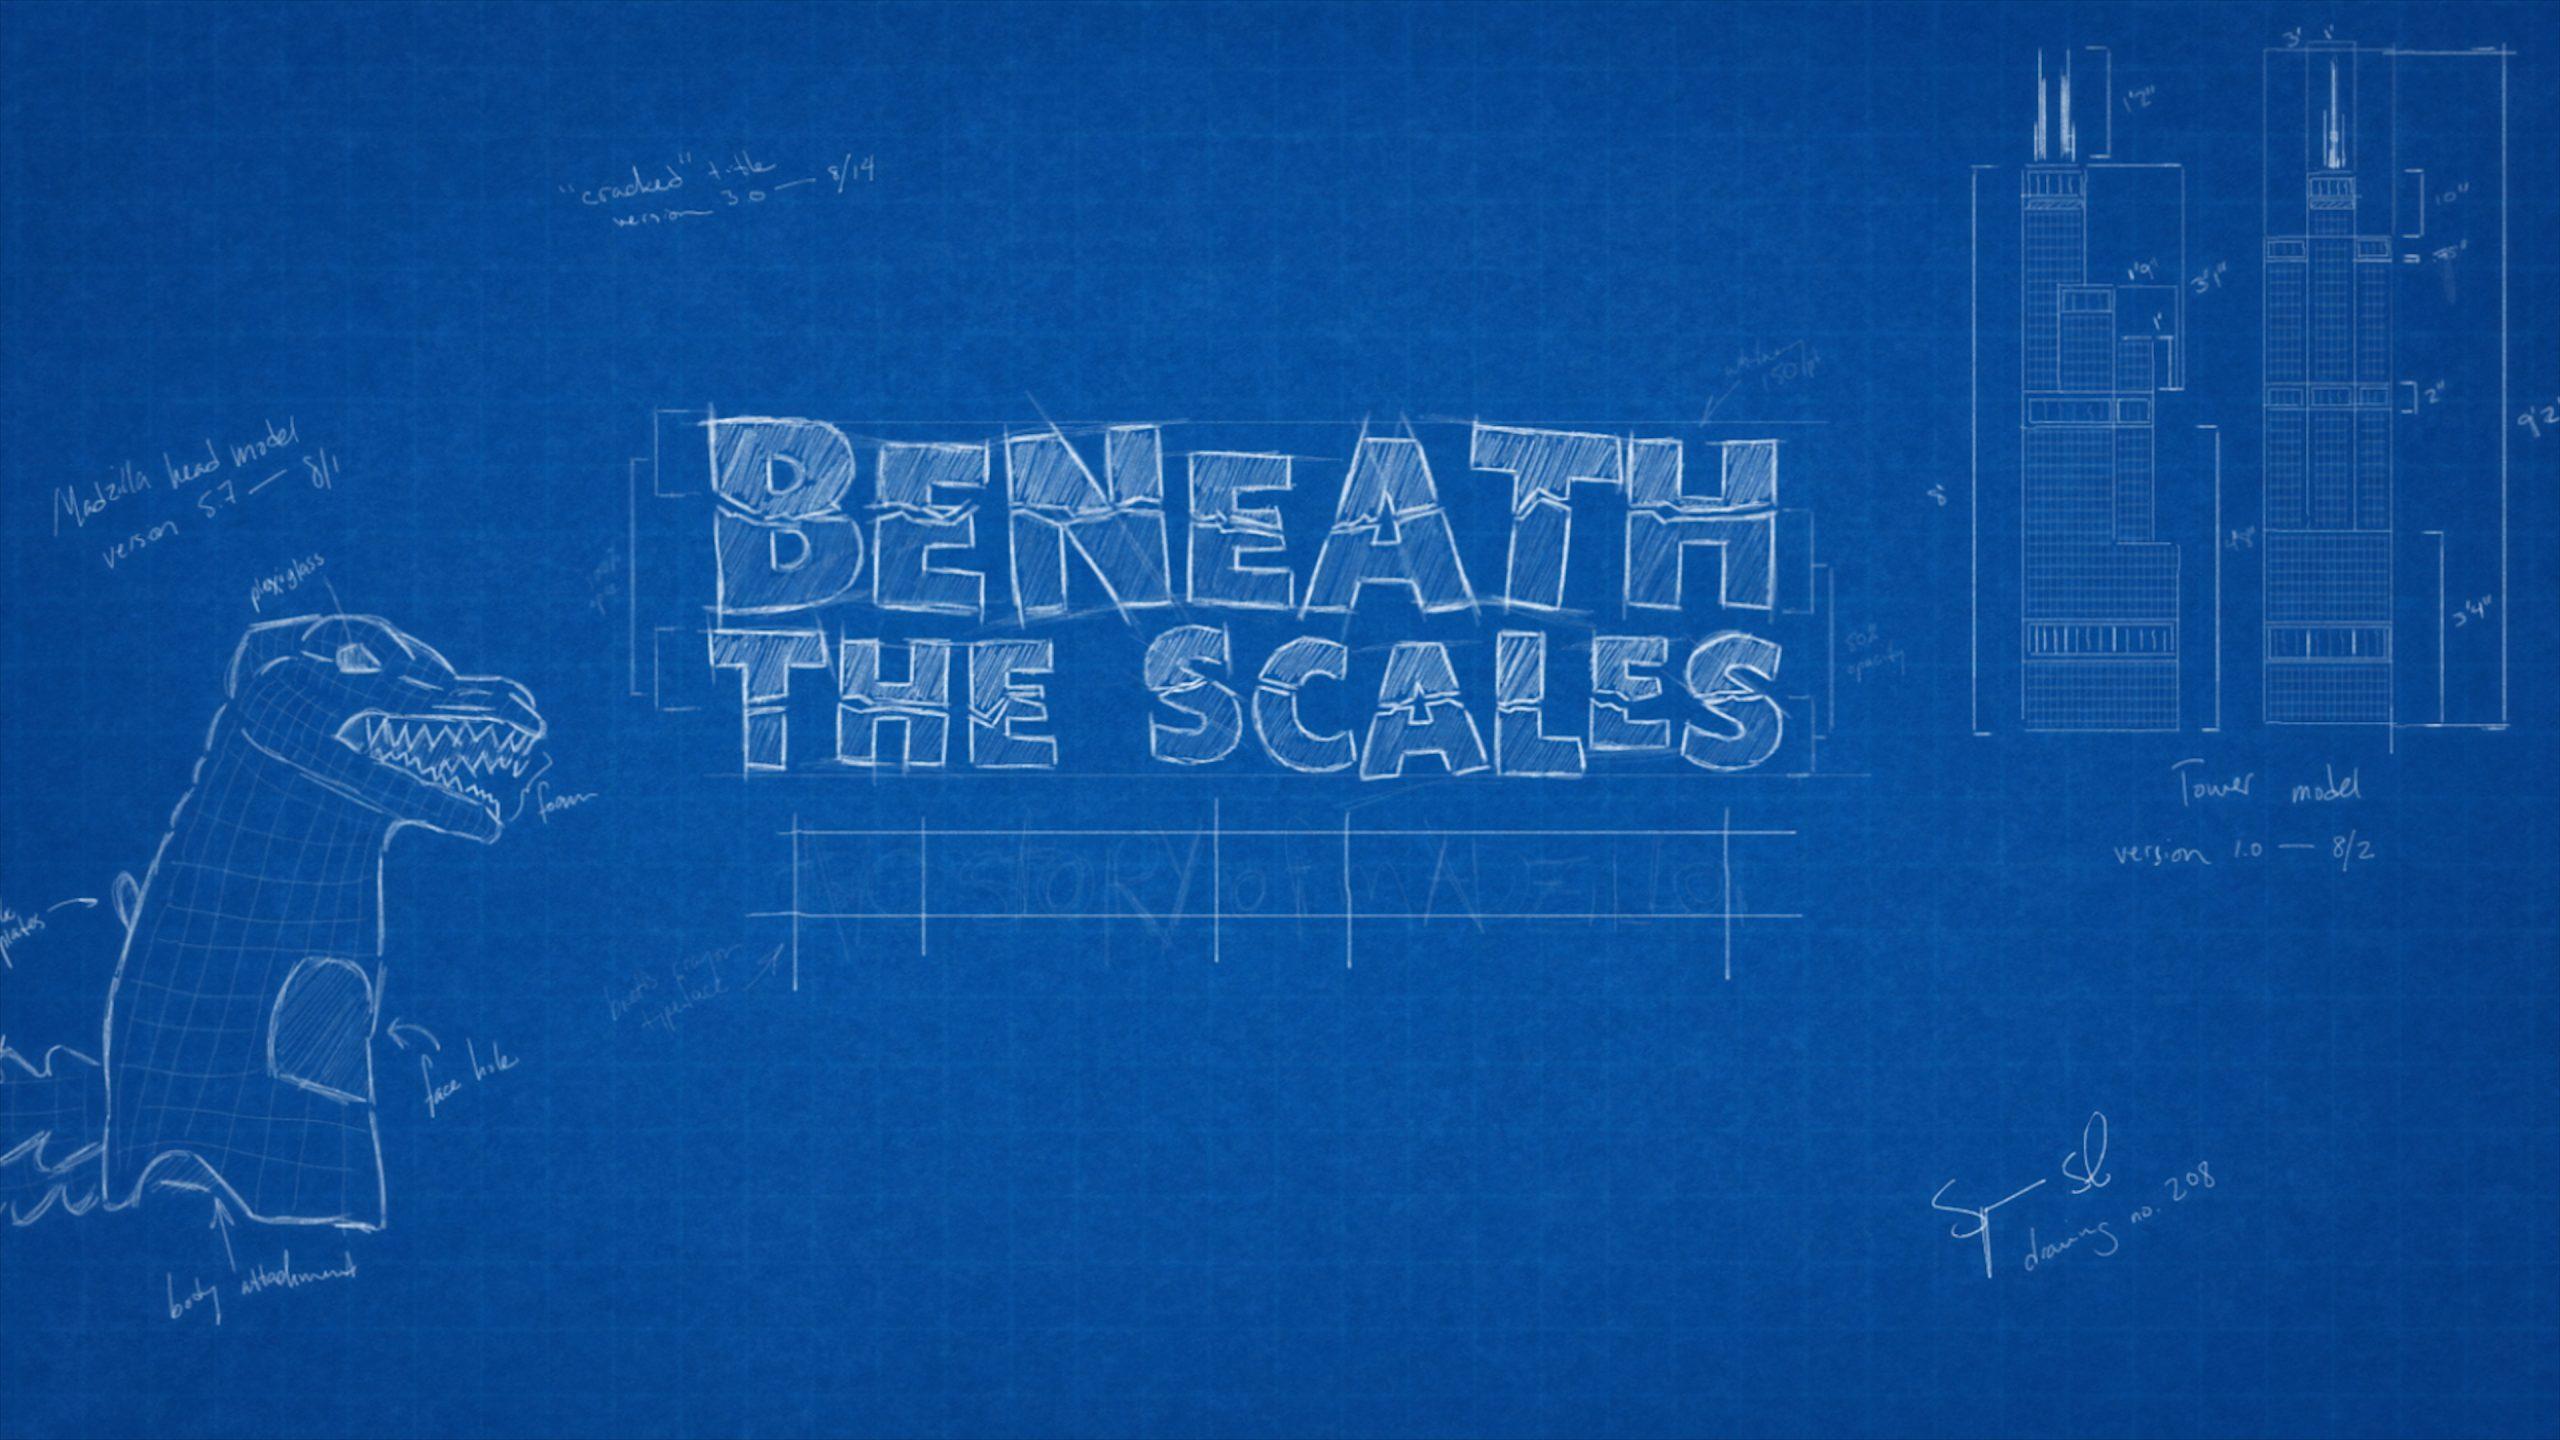 Madzilla-Beneath The Scales